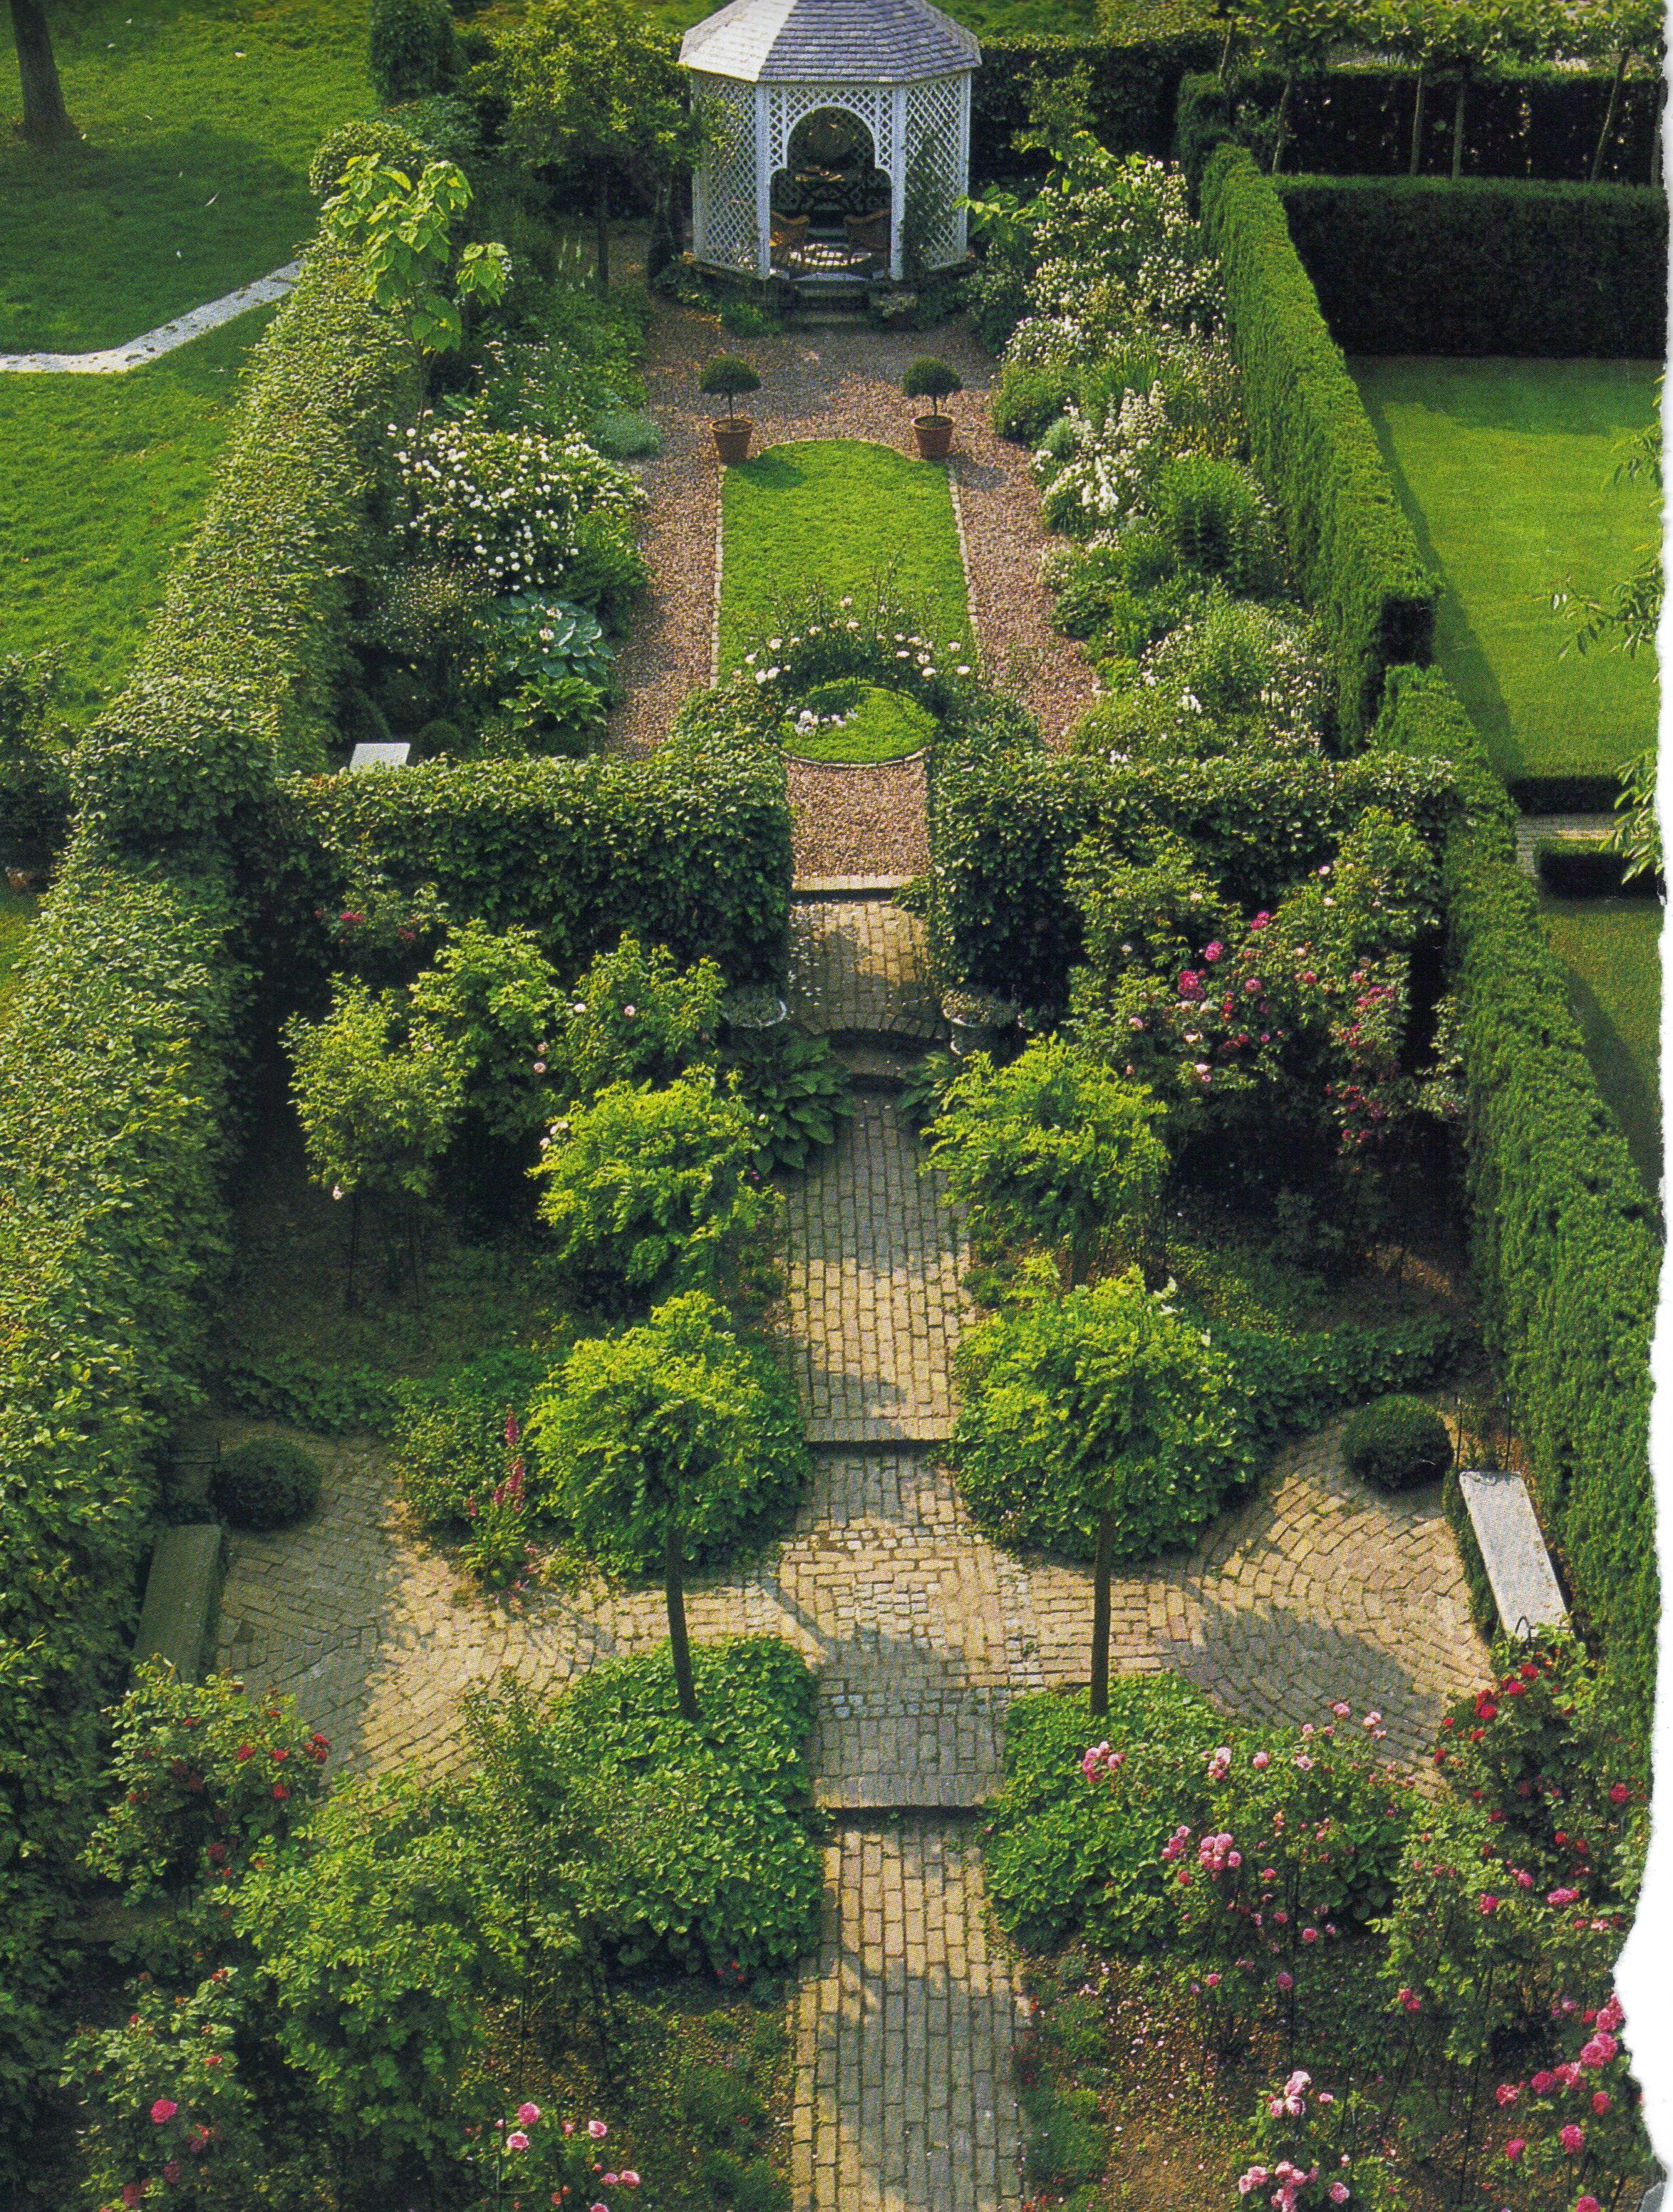 Walled Garden English Garden Design Garden Design Layout Landscaping Garden Design Layout